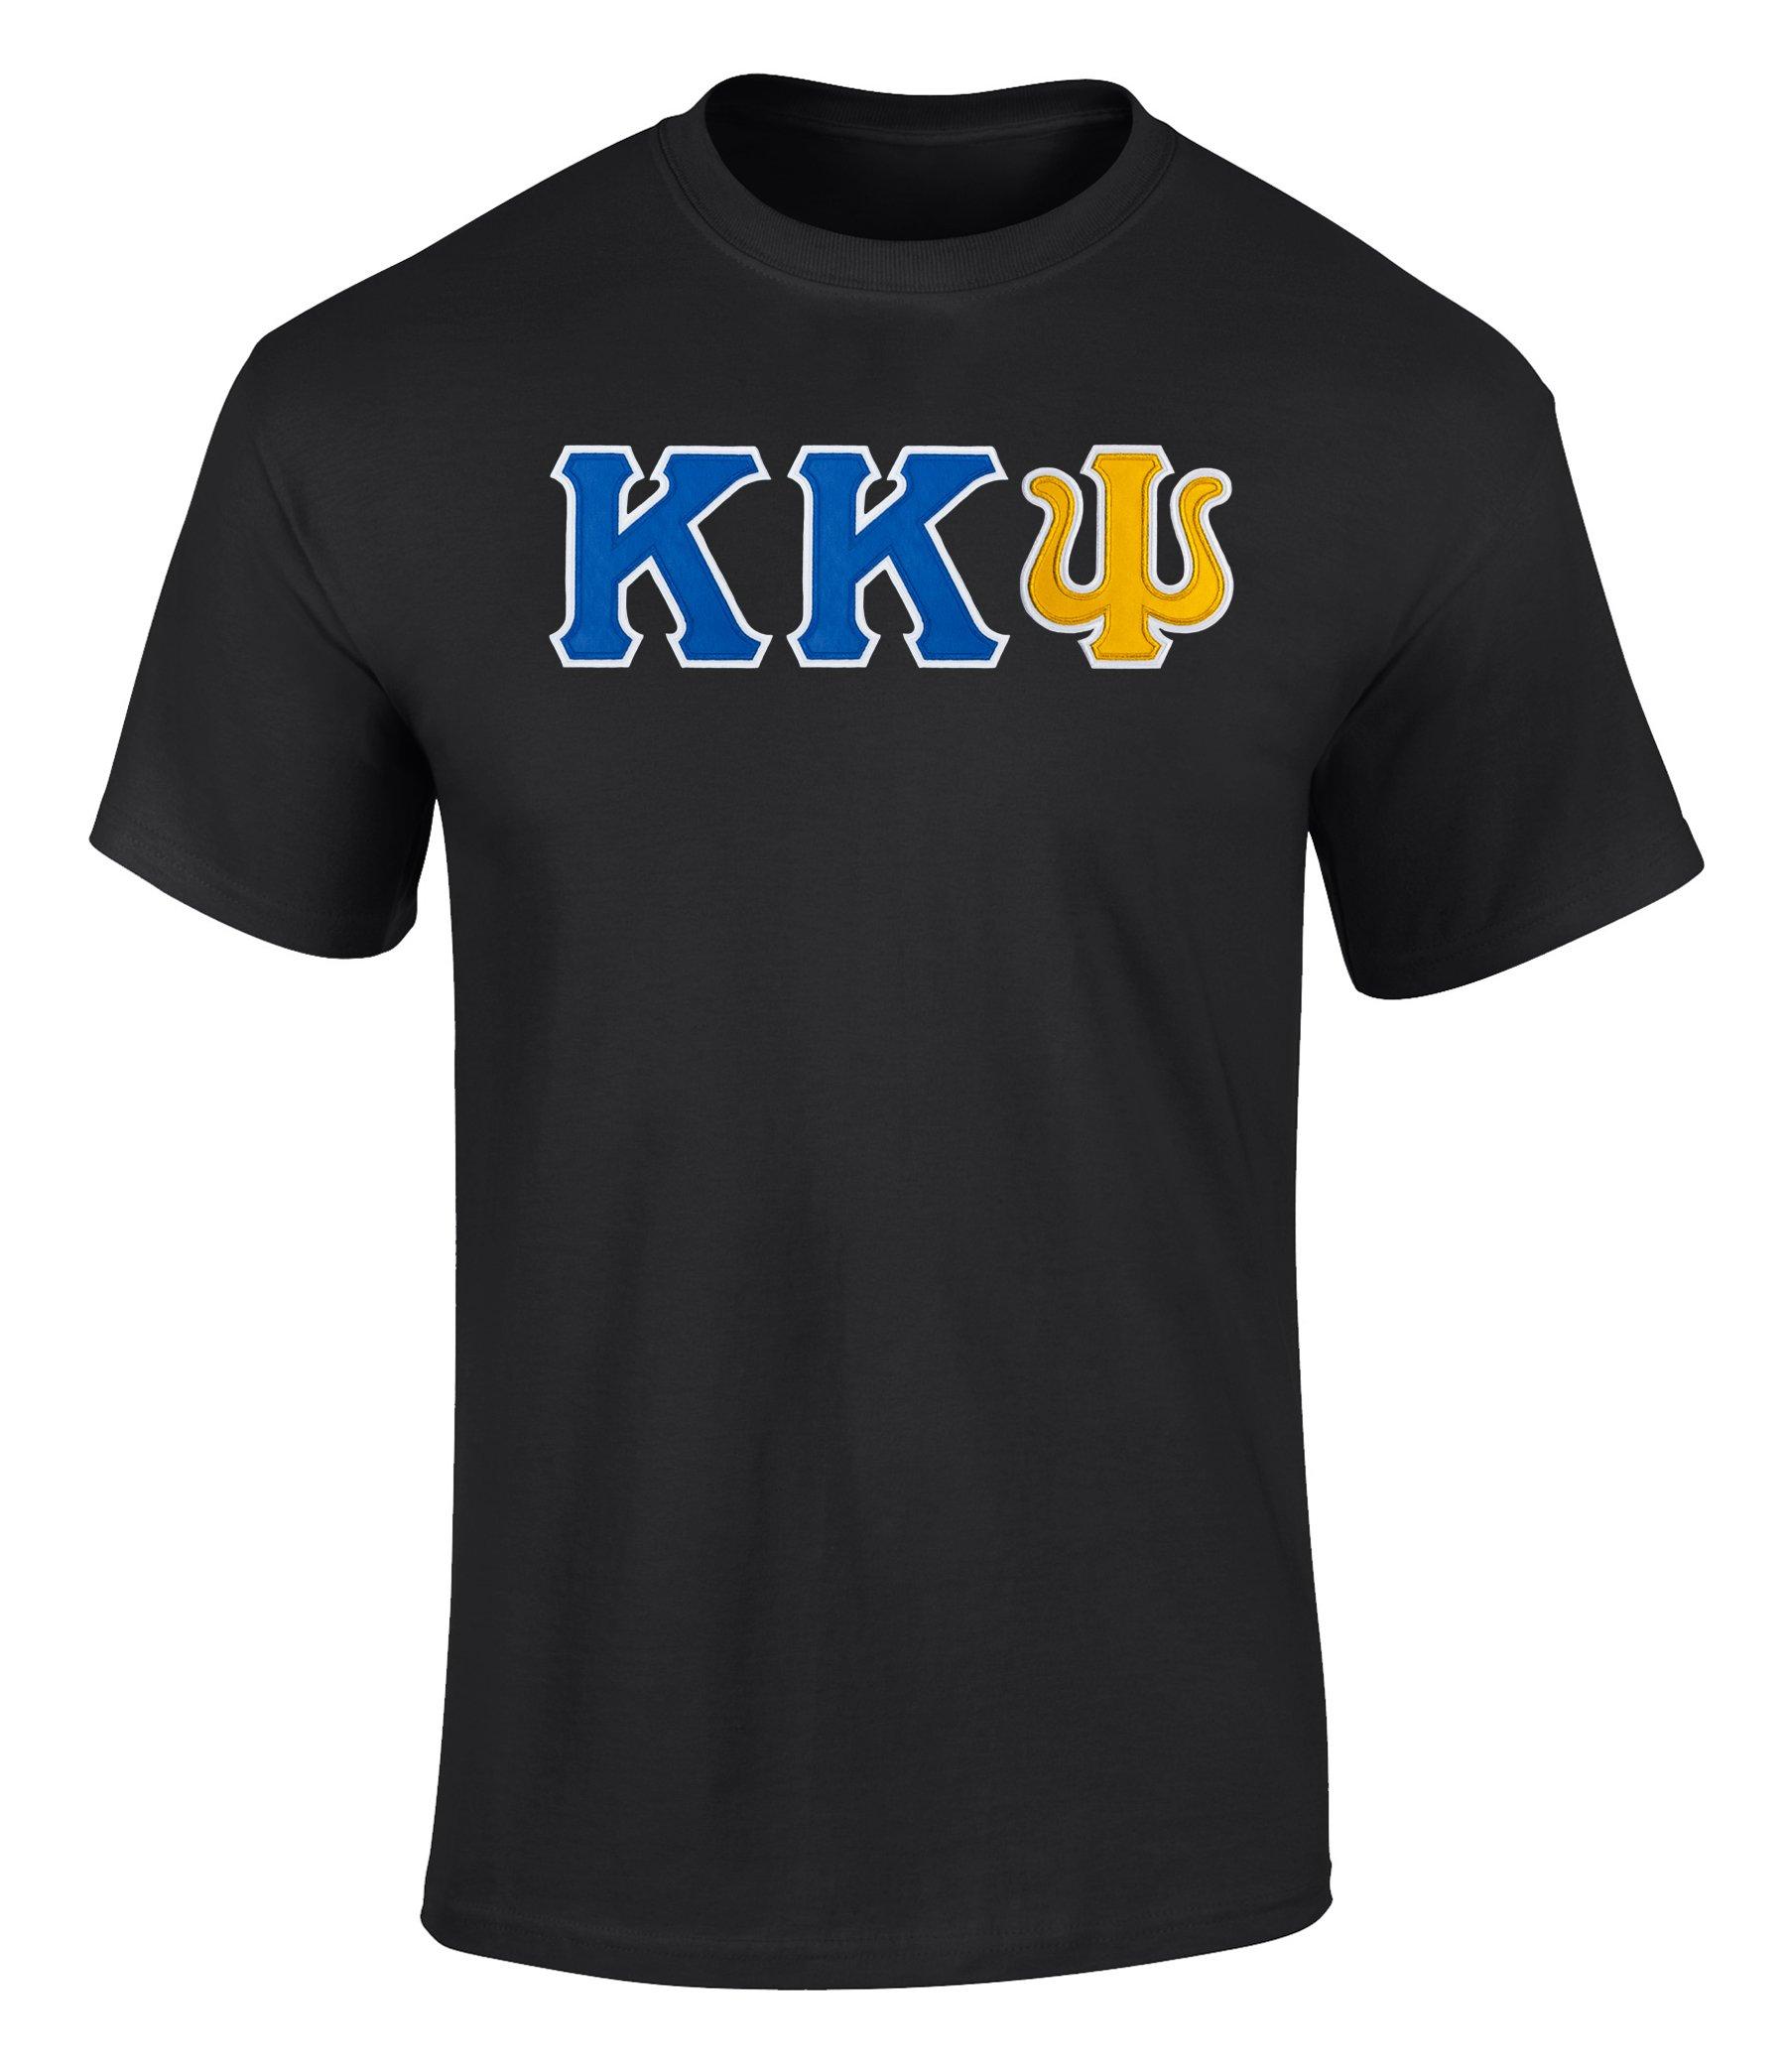 Kappa Kappa Psi Twill Letter Tee 3575 Shirts